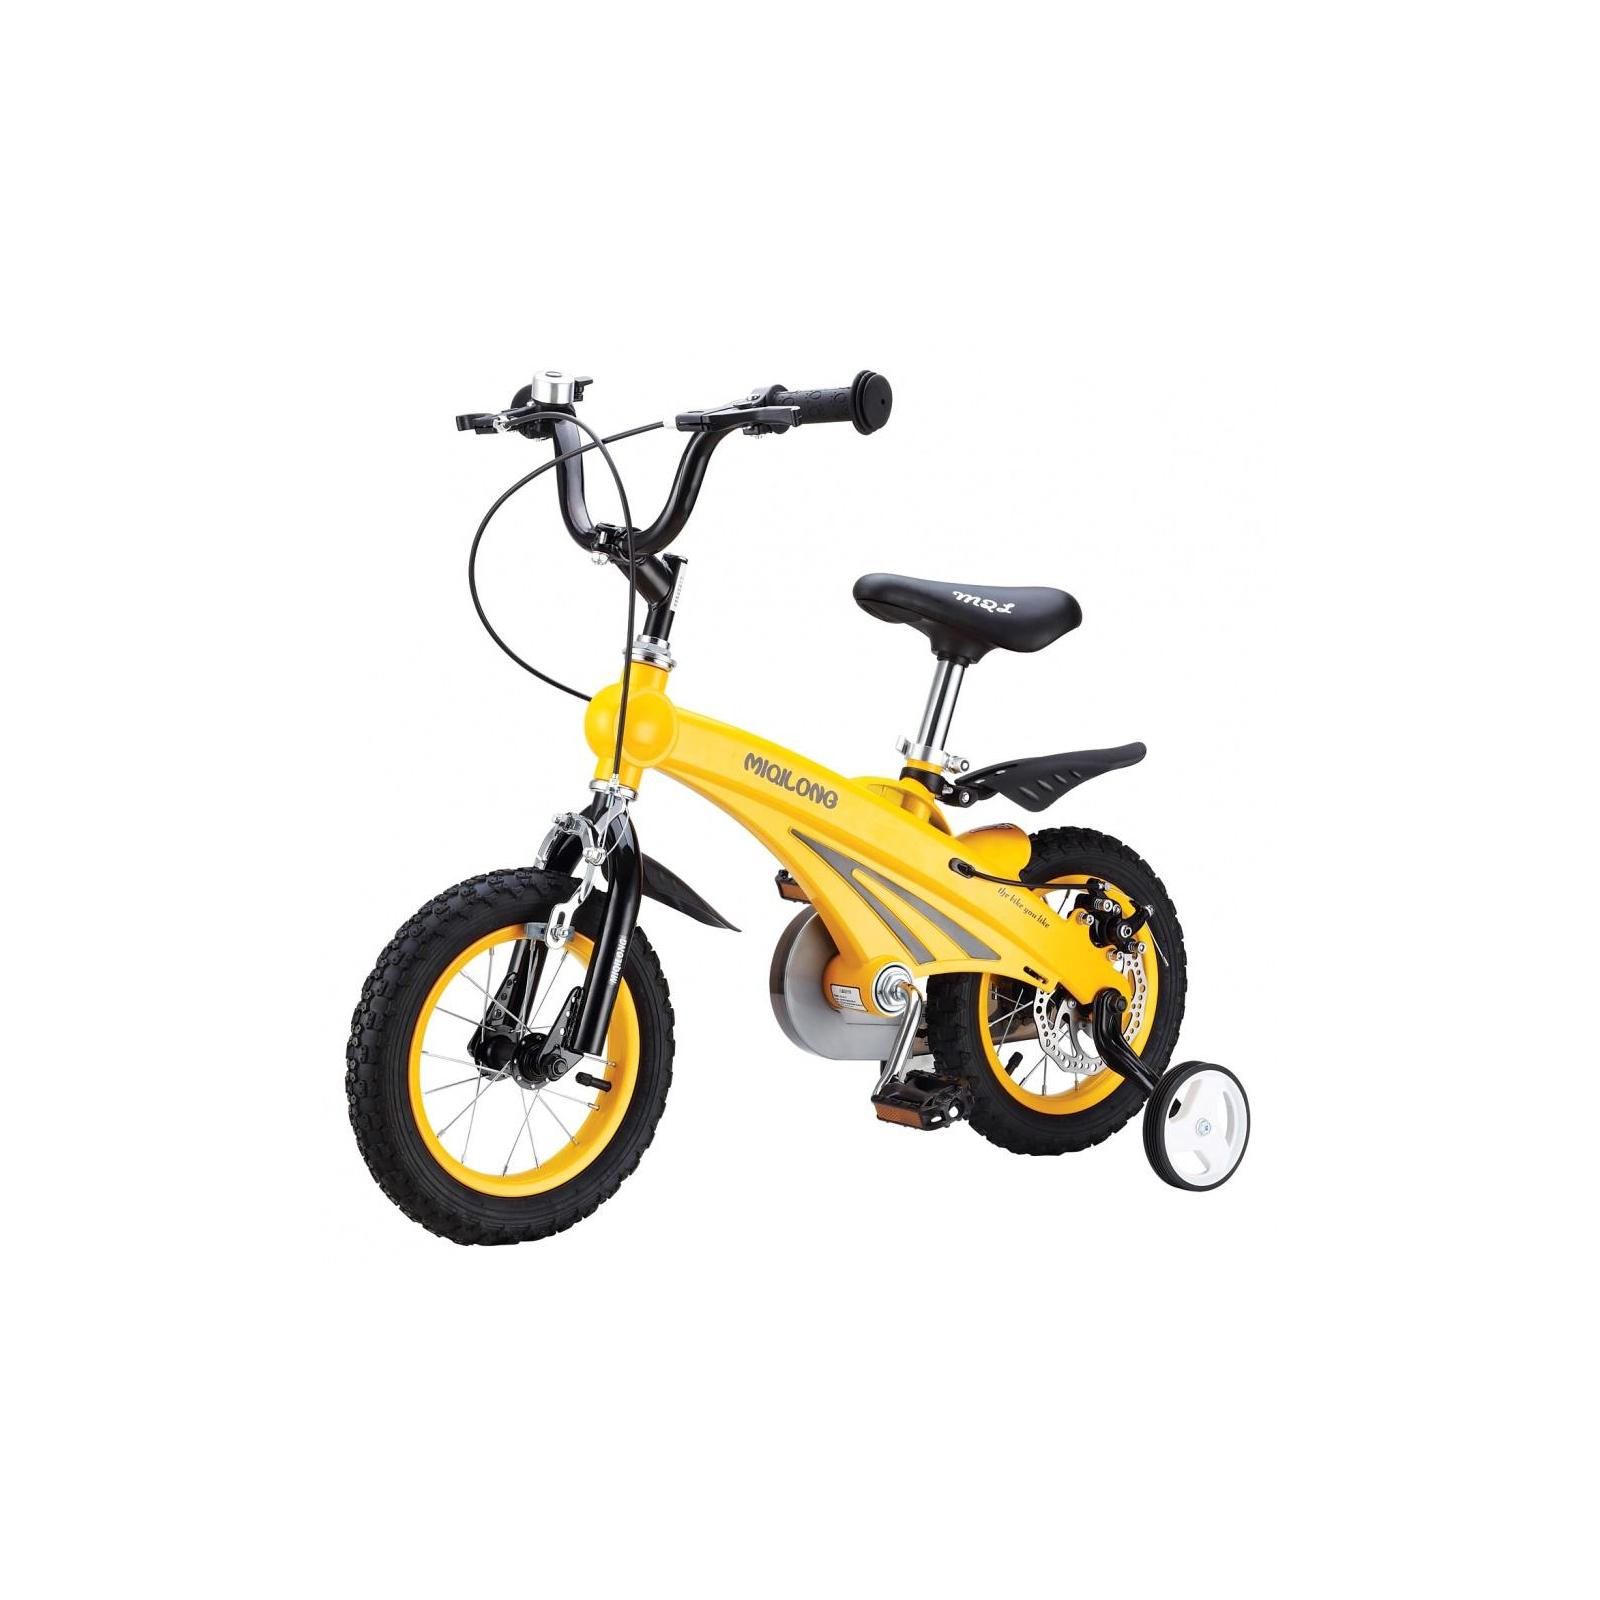 Детский велосипед Miqilong SD Желтый 12` (MQL-SD12-Yellow)